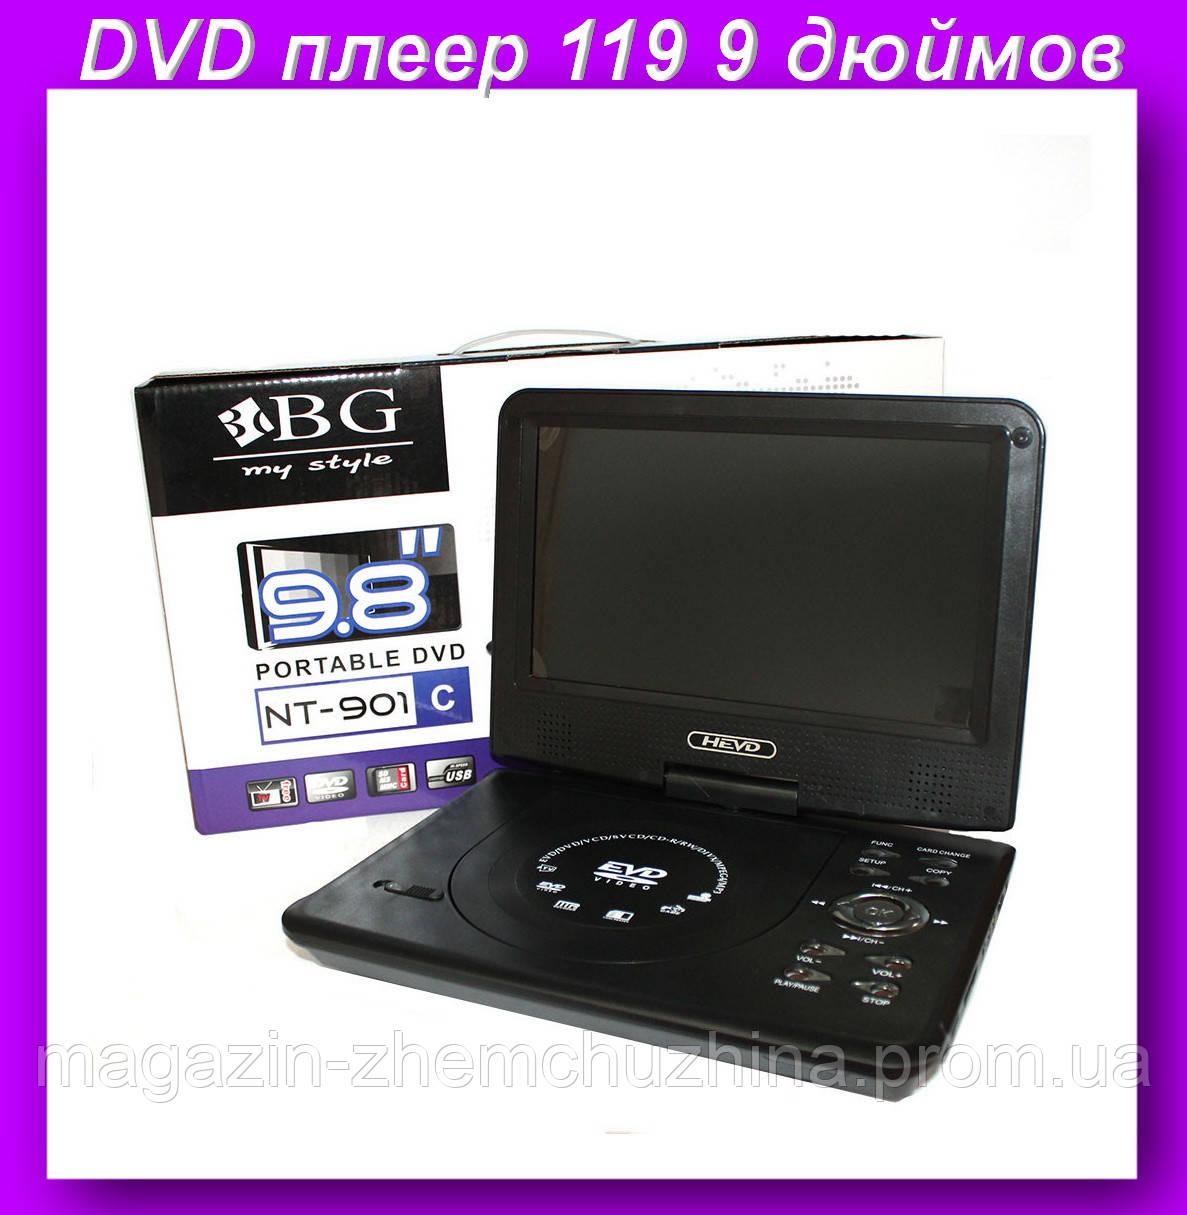 """Портативное DVD 119 (9""""), DVD плеер портативный"""